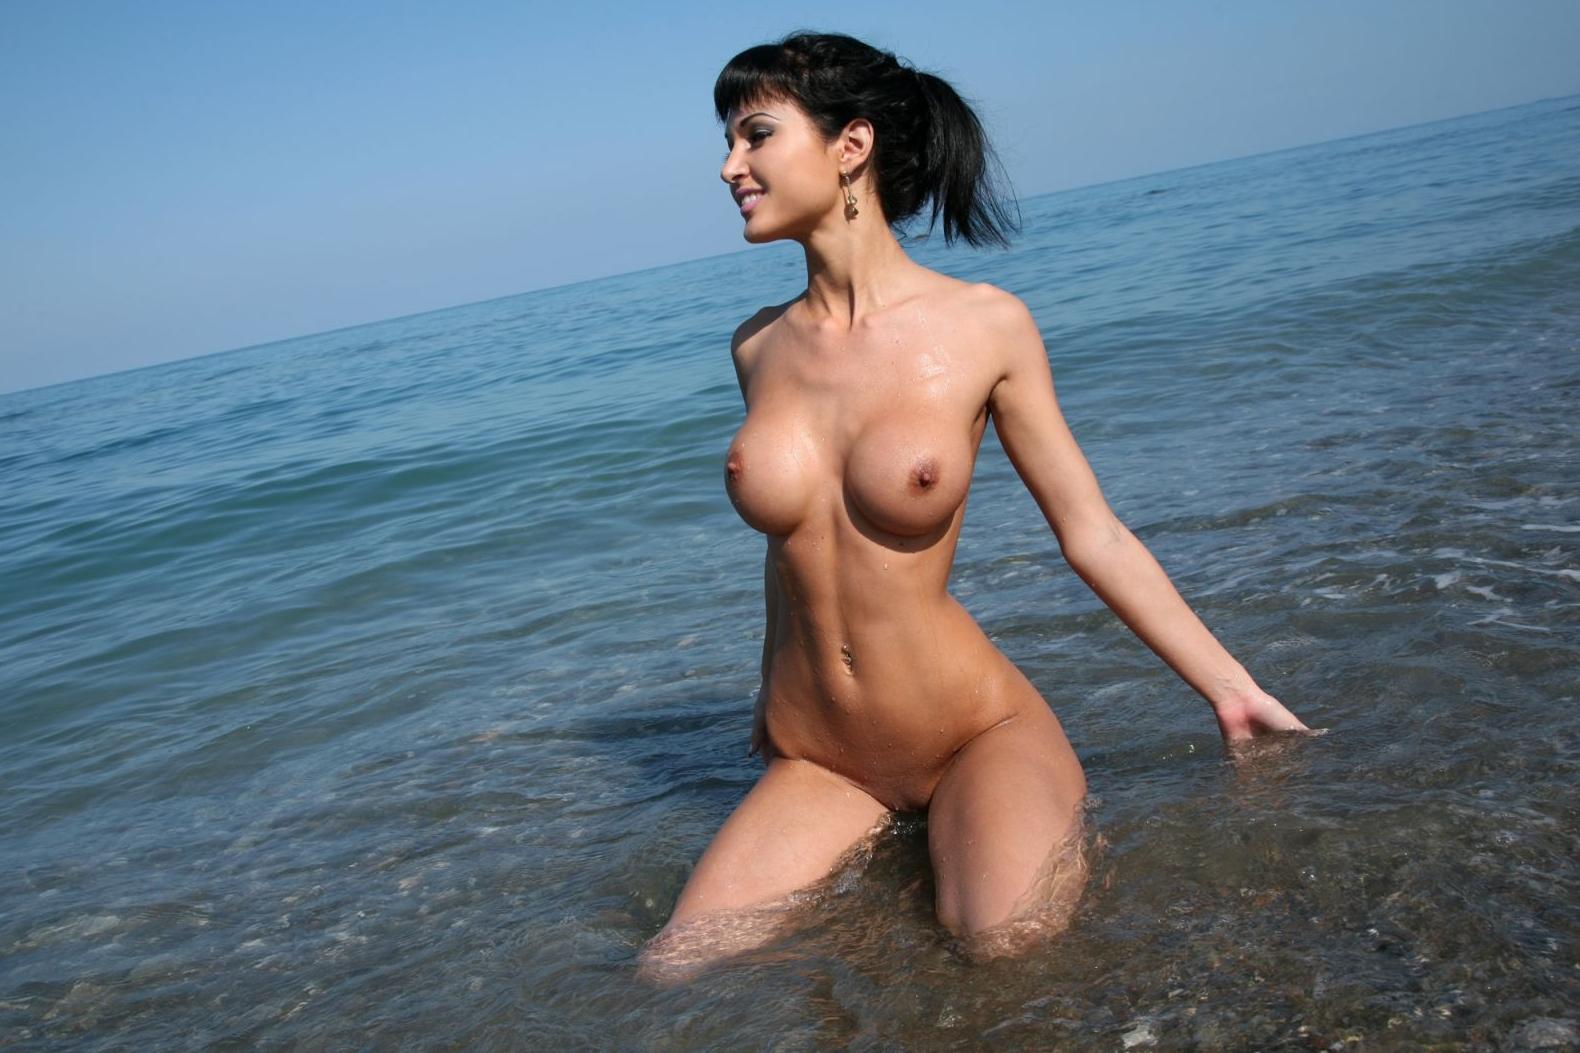 Худая с большими порно бесплатно, Порно с худыми. Худенькие девушки 3 фотография